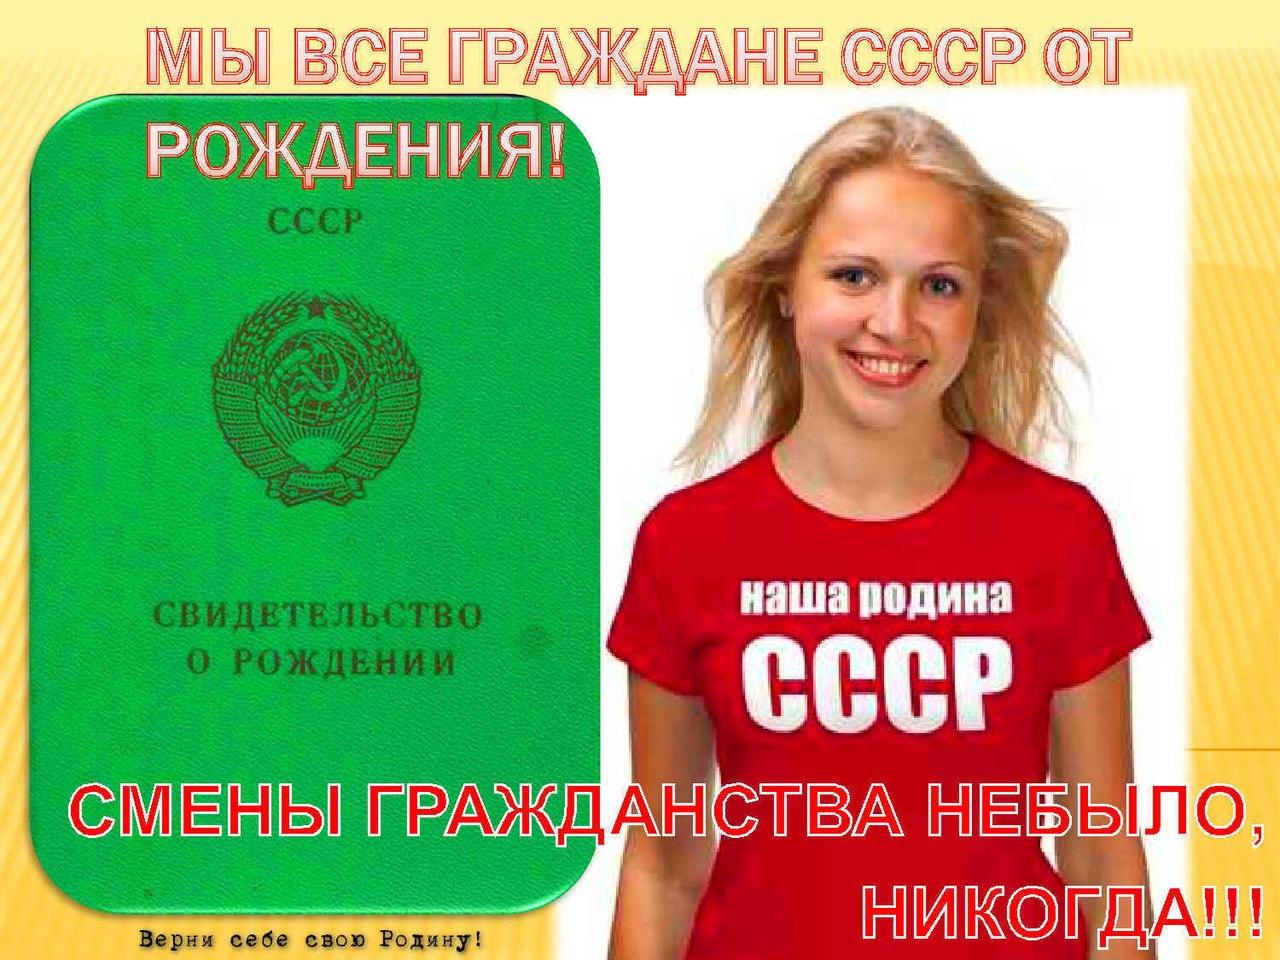 http://cs636516.vk.me/v636516433/17401/pRKvpcLZX-s.jpg